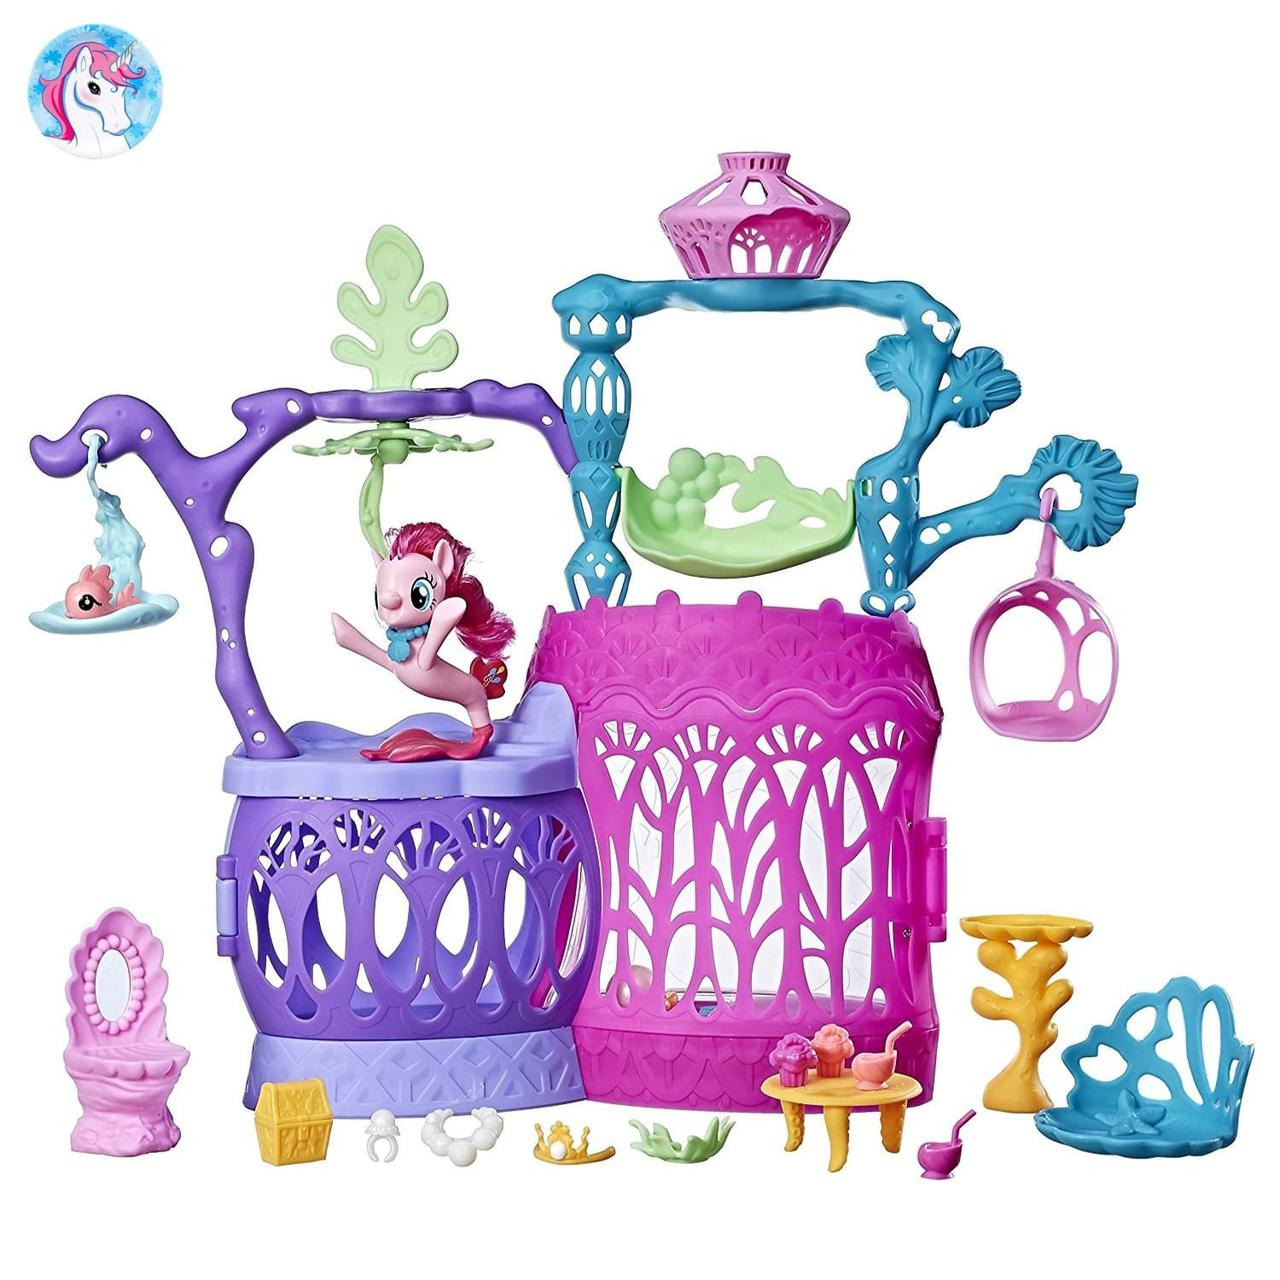 Игровой набор My Little pony замок Мерцание с Пинки Пай - Детские игрушки  интернет-магазин c50fdd8ea42